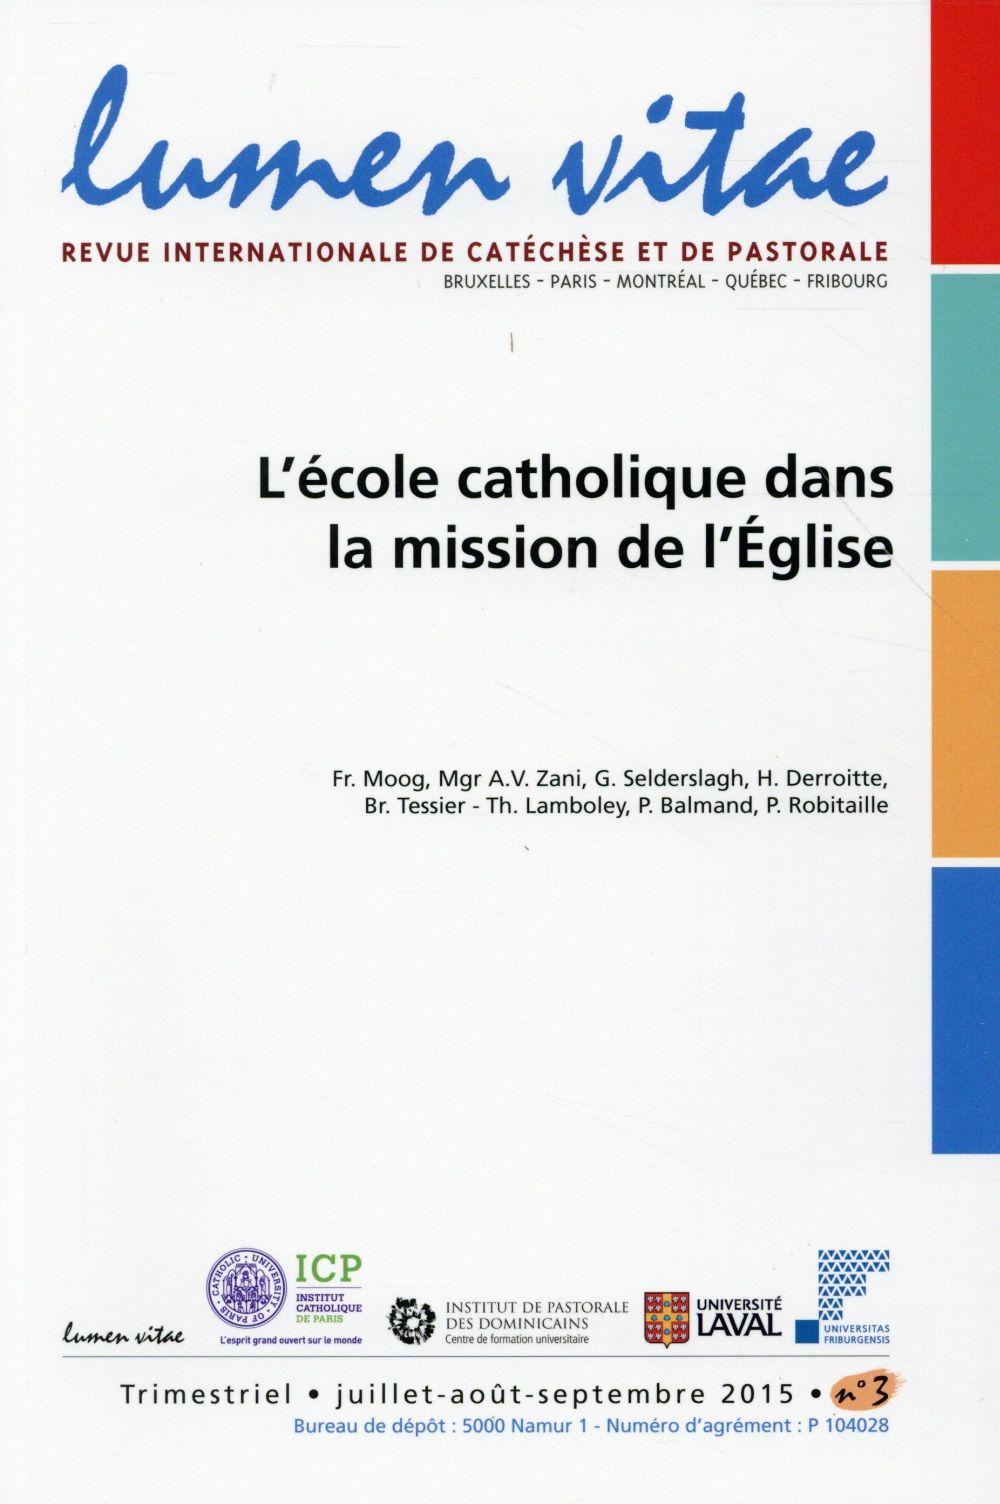 L'ECOLE CATHOLIQUE DANS LA MISSION DE L'EGLISE